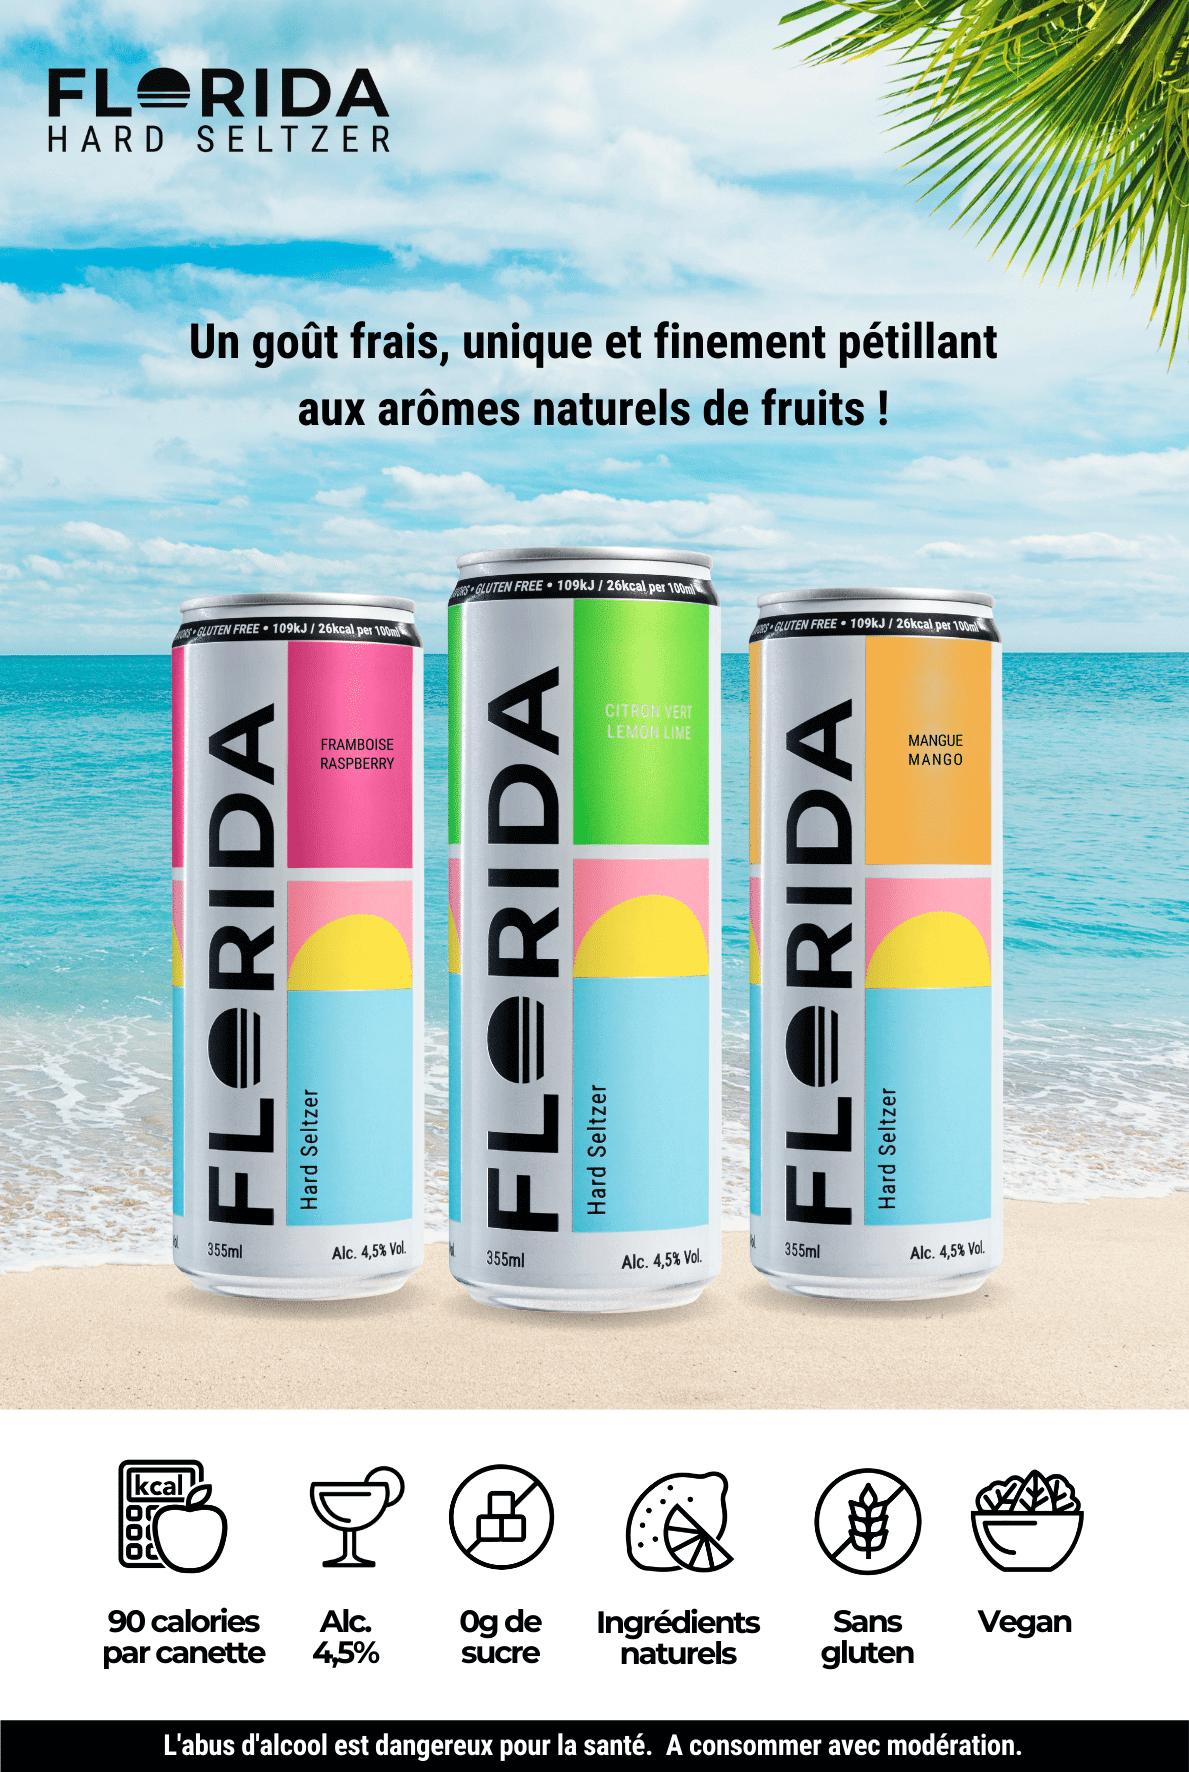 Florida hard seltzer la nouvelle boisson alcoolisée